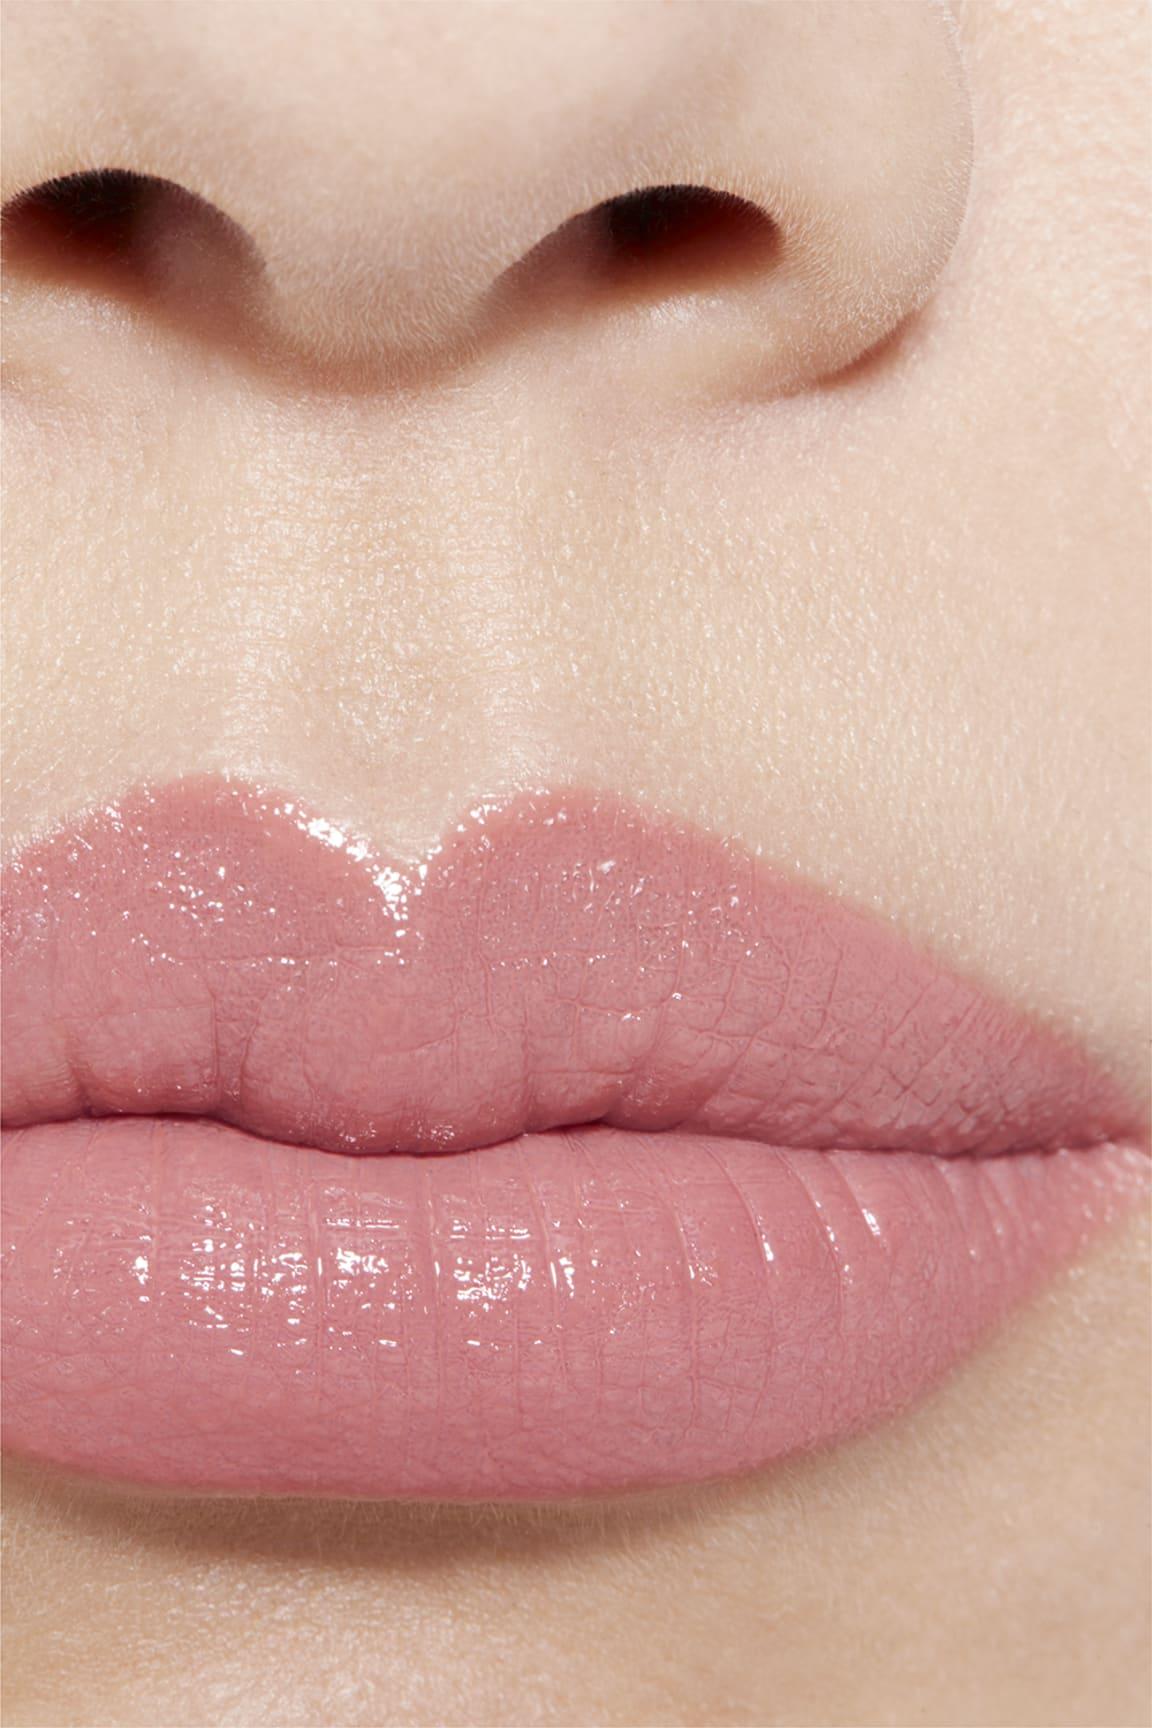 Application makeup visual 1 - LE ROUGE CRAYON DE COULEUR N°9 - BEIGE ROSÉ